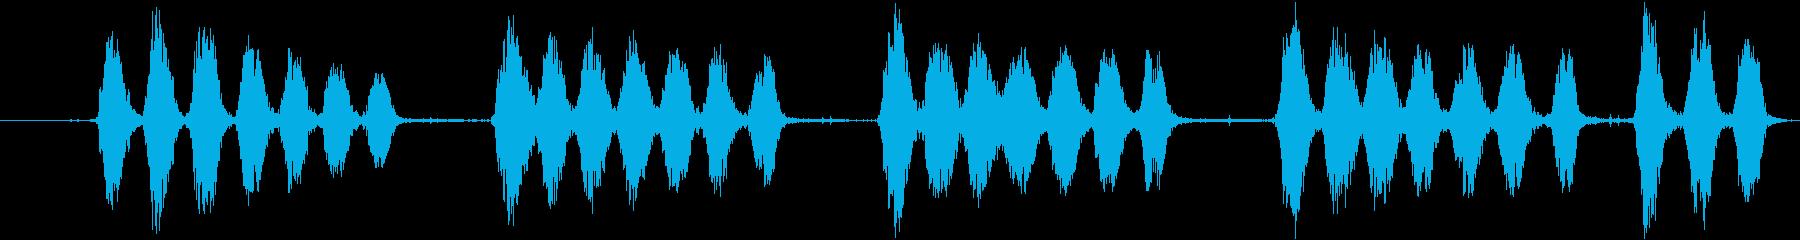 大型犬:視覚的なバーキング、犬の再生済みの波形